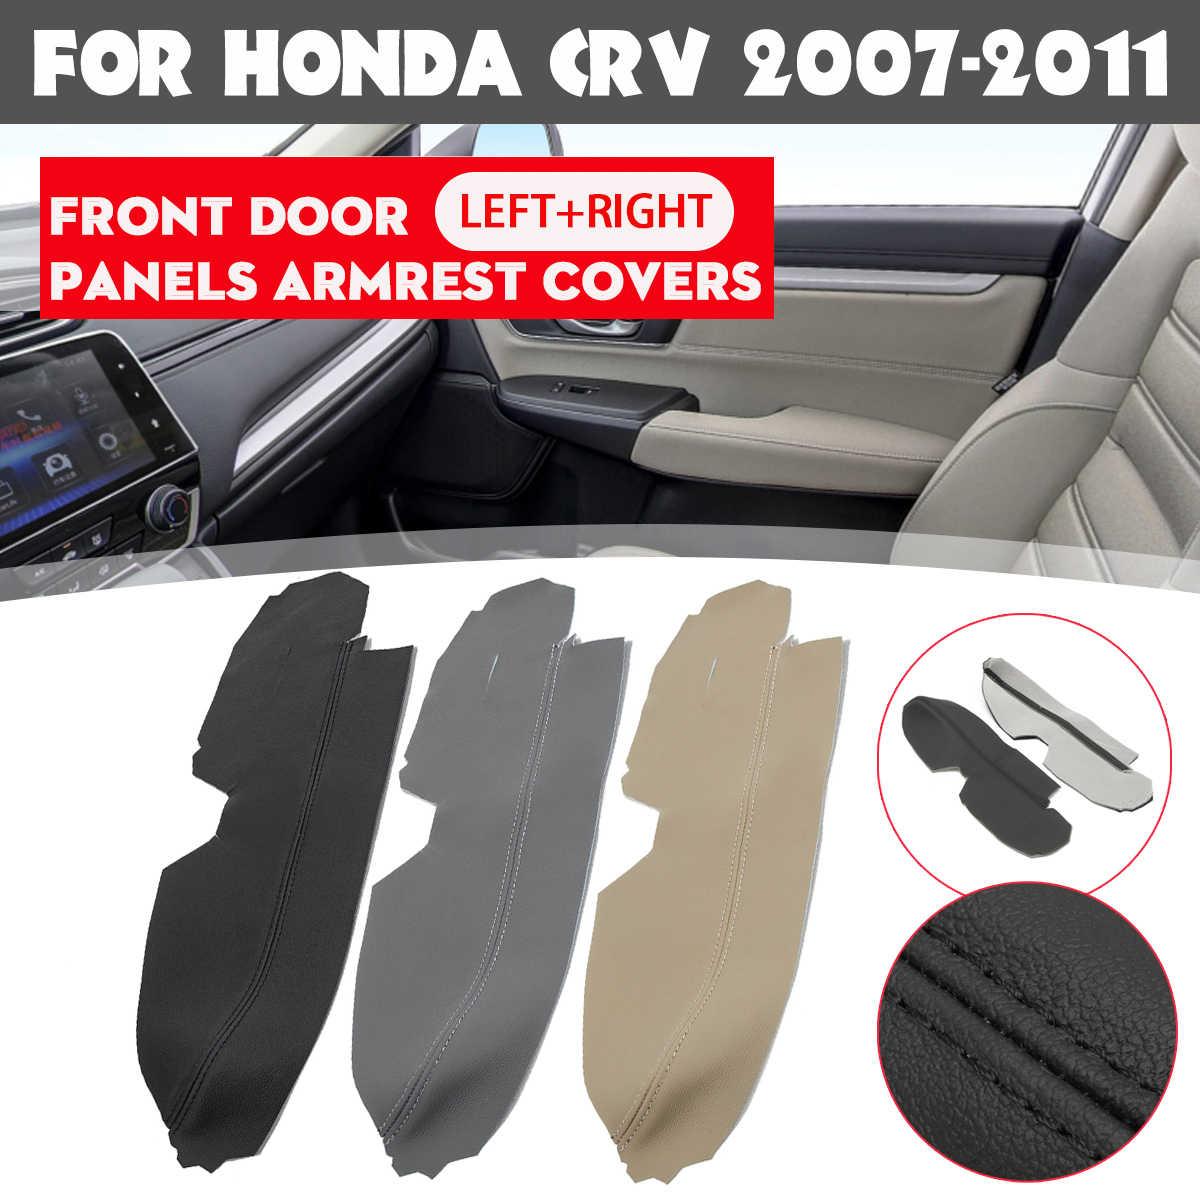 Silverdrew 1 par de Paneles de Puerta Delantera de Coche de Cuero de PU Real Izquierdo y Derecho Cubiertas de reposabrazos para Honda//CRV 2007-2011